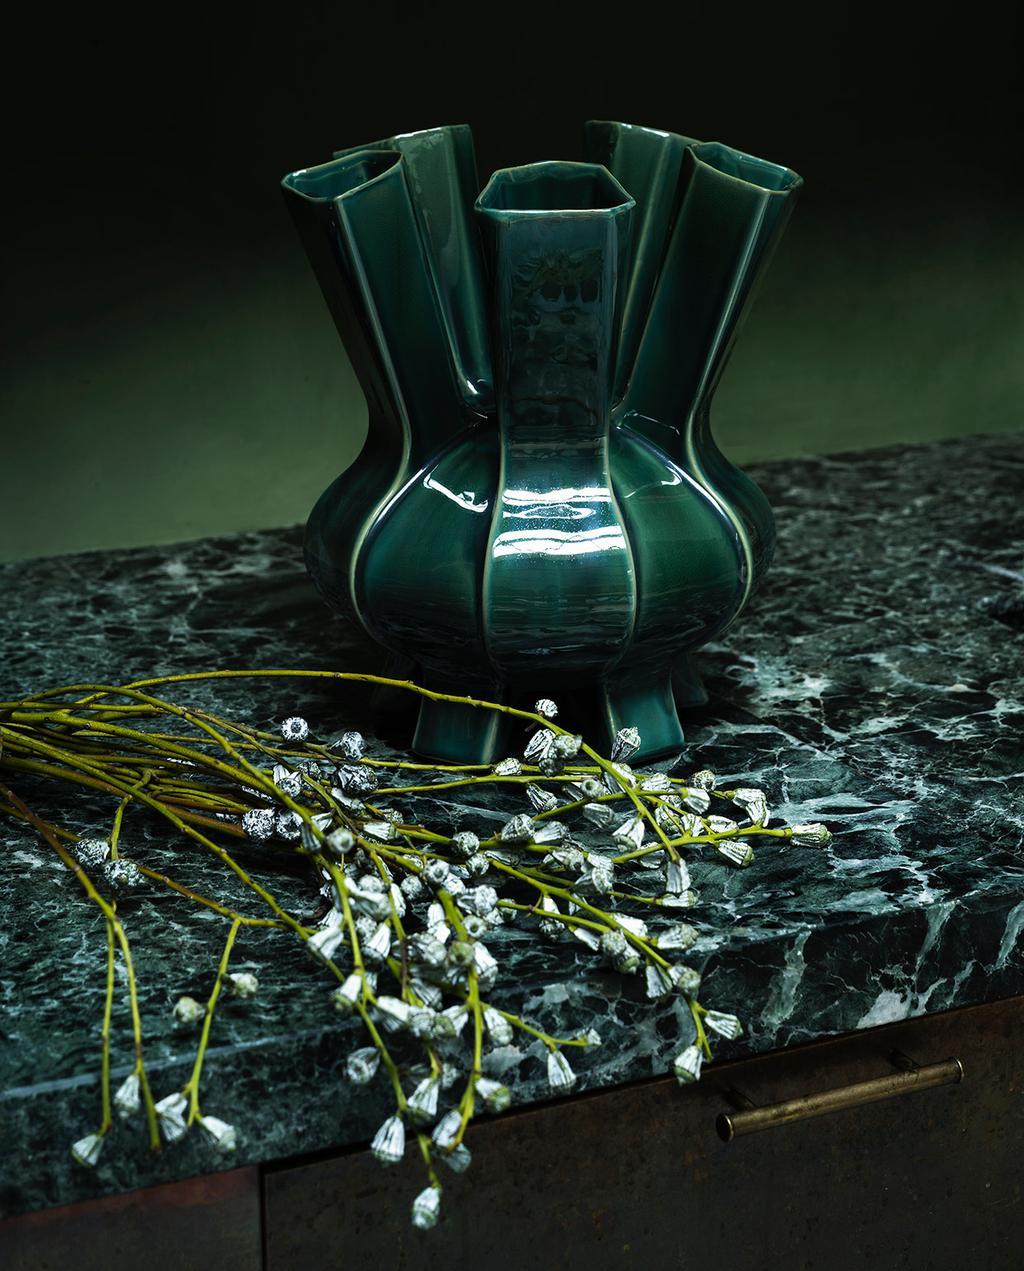 vtwonen 01-2021 | groene vaas met bloemen op marmeren aanrechtblad